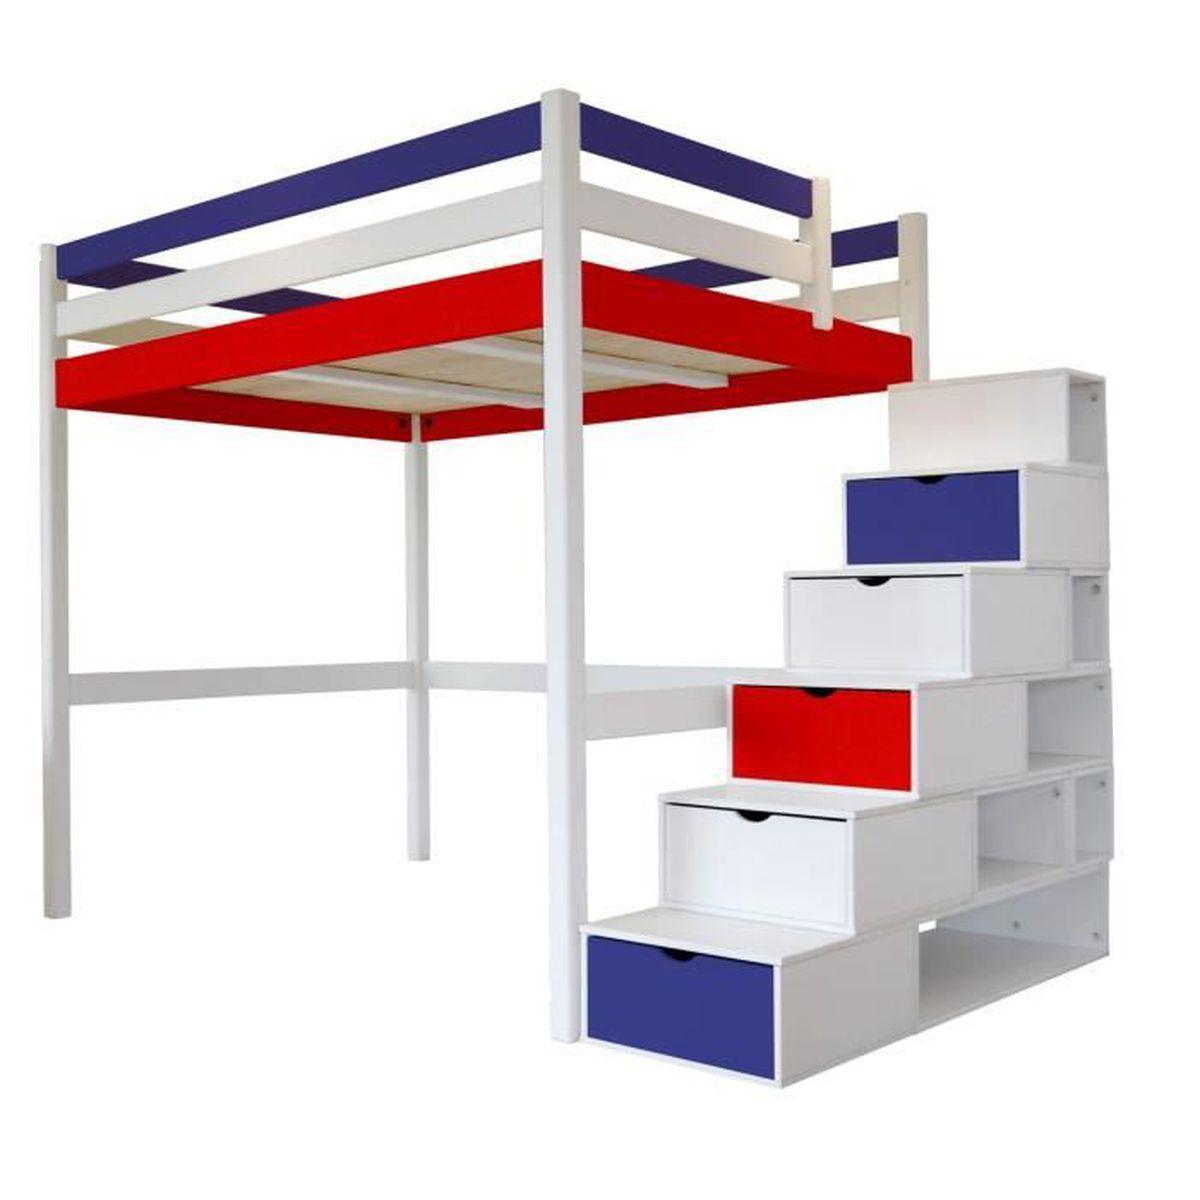 Lit Mezzanine Escalier Cube lit mezzanine sylvia avec escalier cube bois (bleu blanc